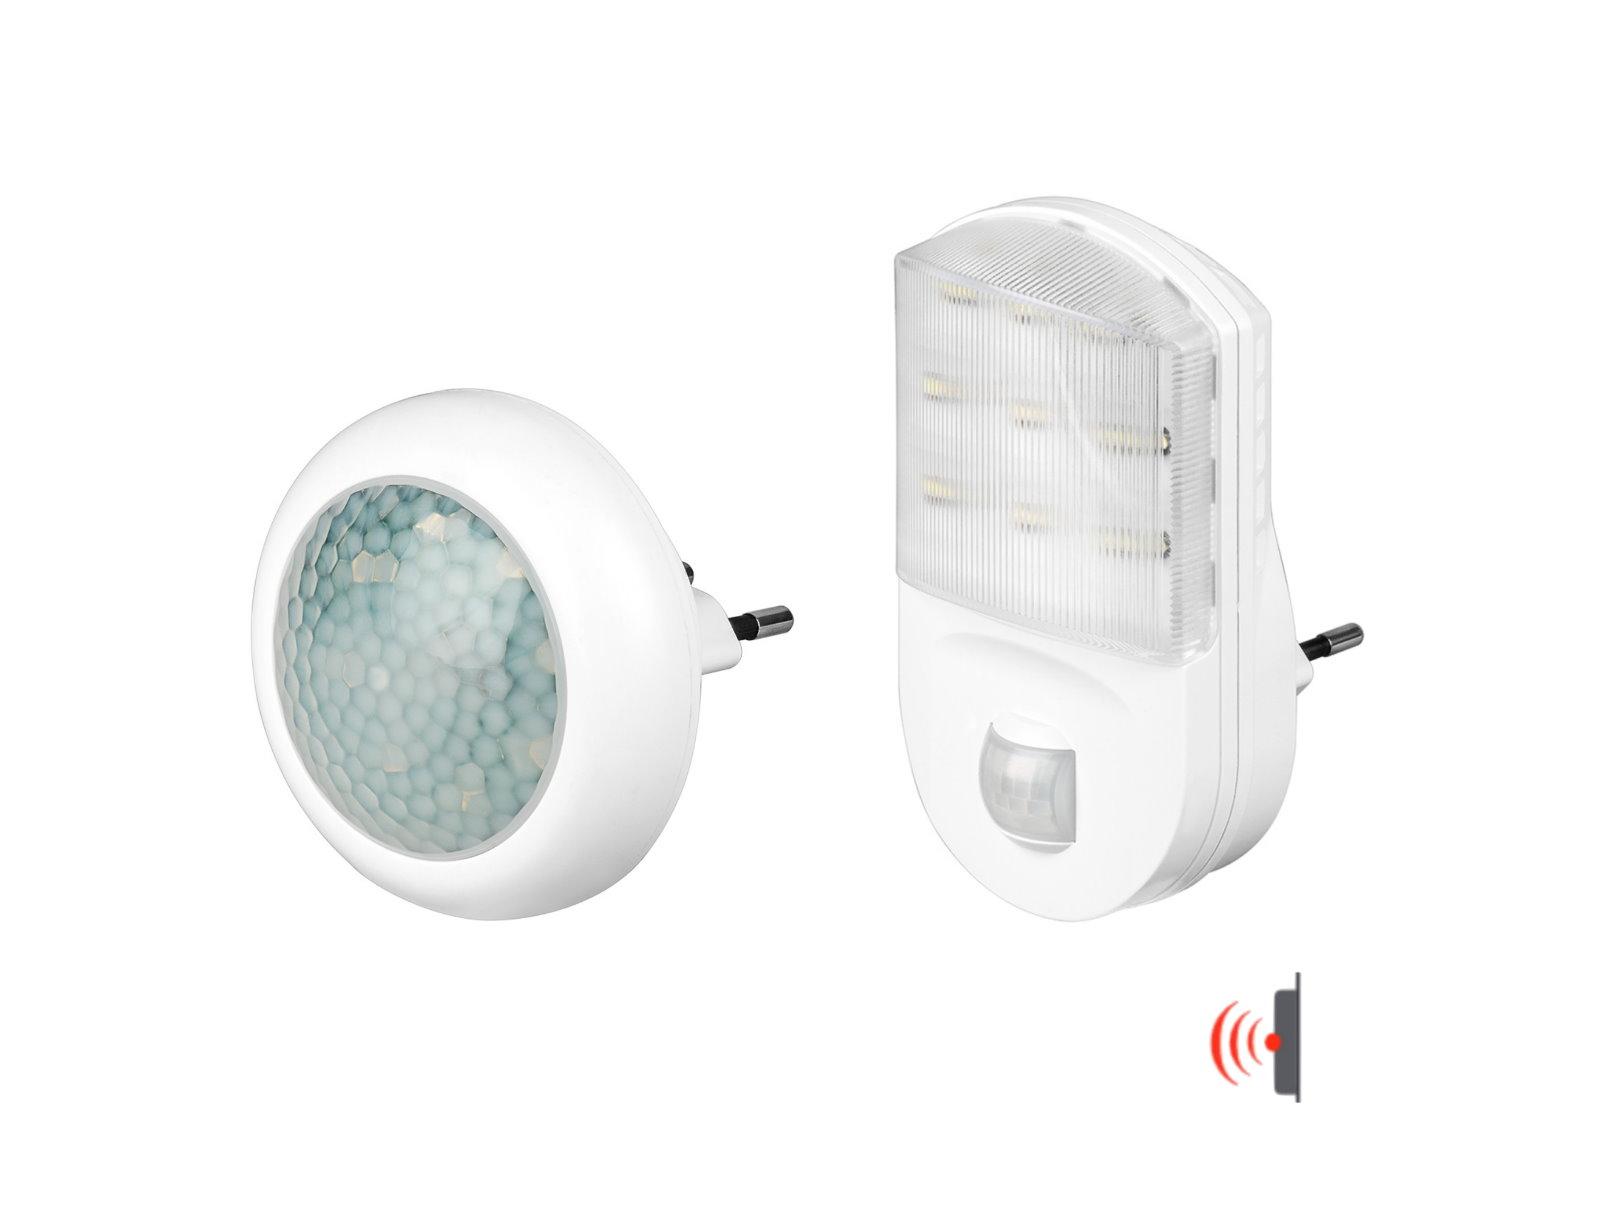 Goobay LED Nachtlicht Sensor